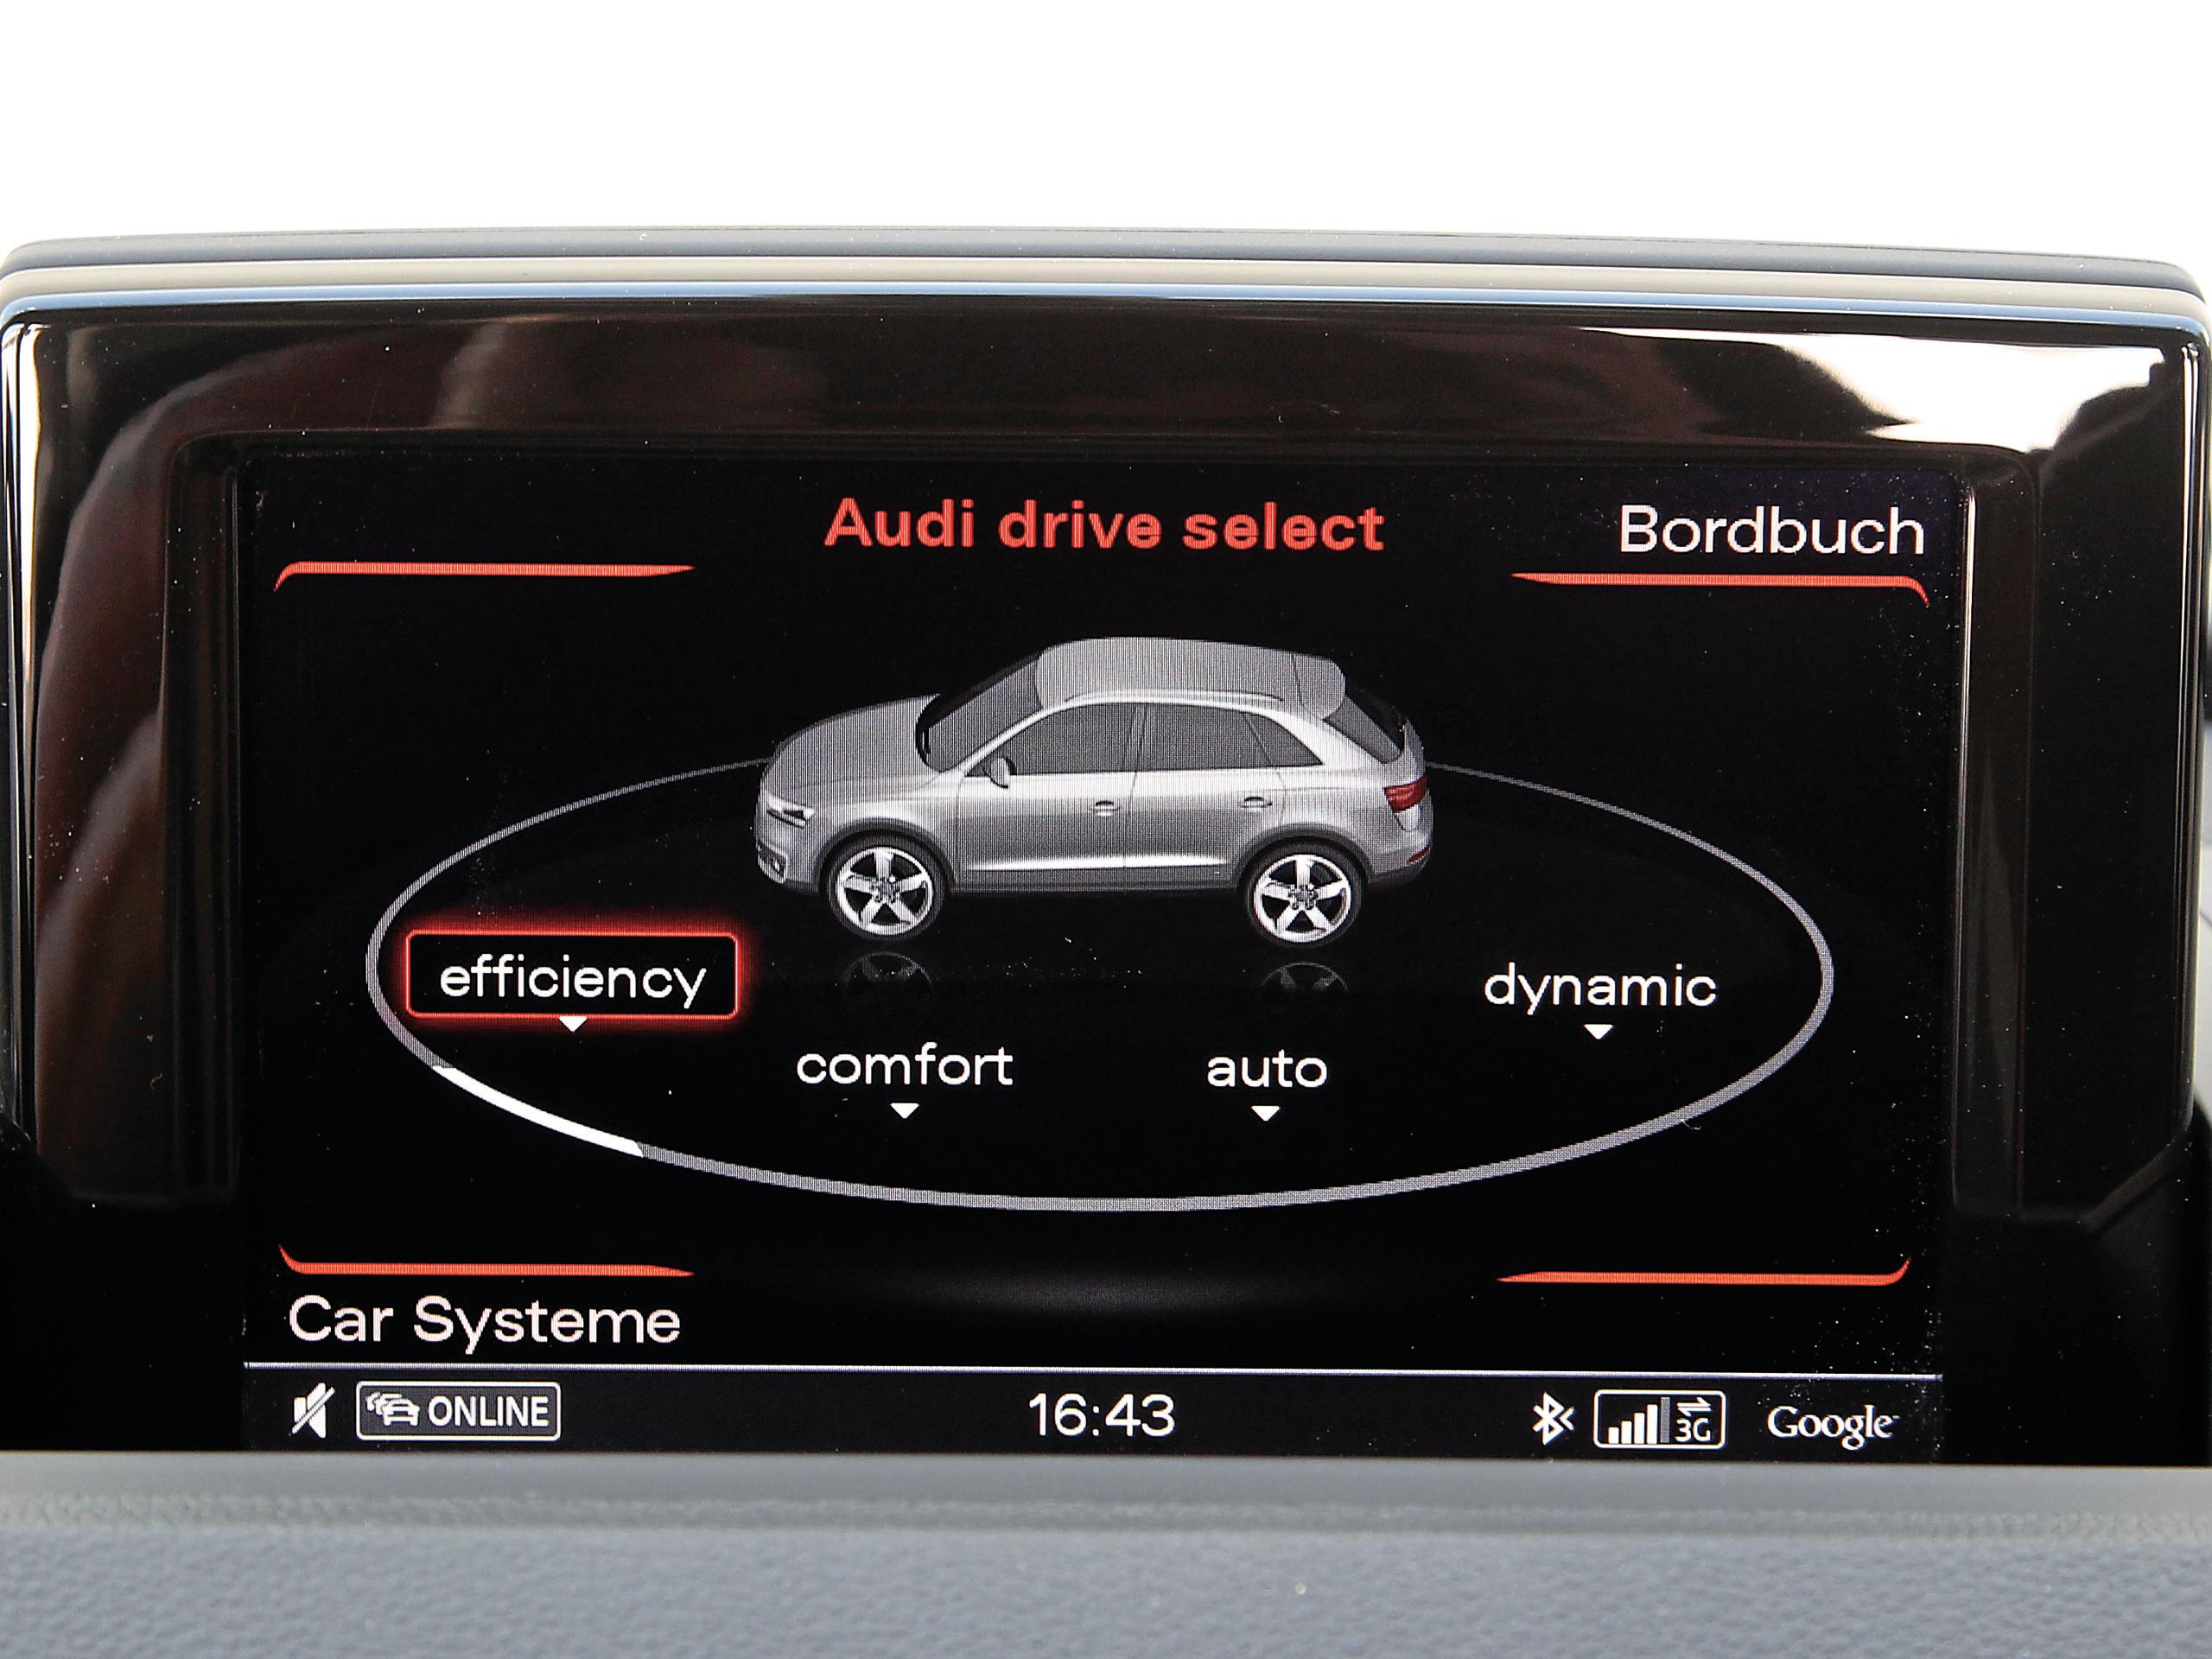 Audi Q3 1 4 TFSI vs 2 0 TDI Benziner und Diesel im Vergleich